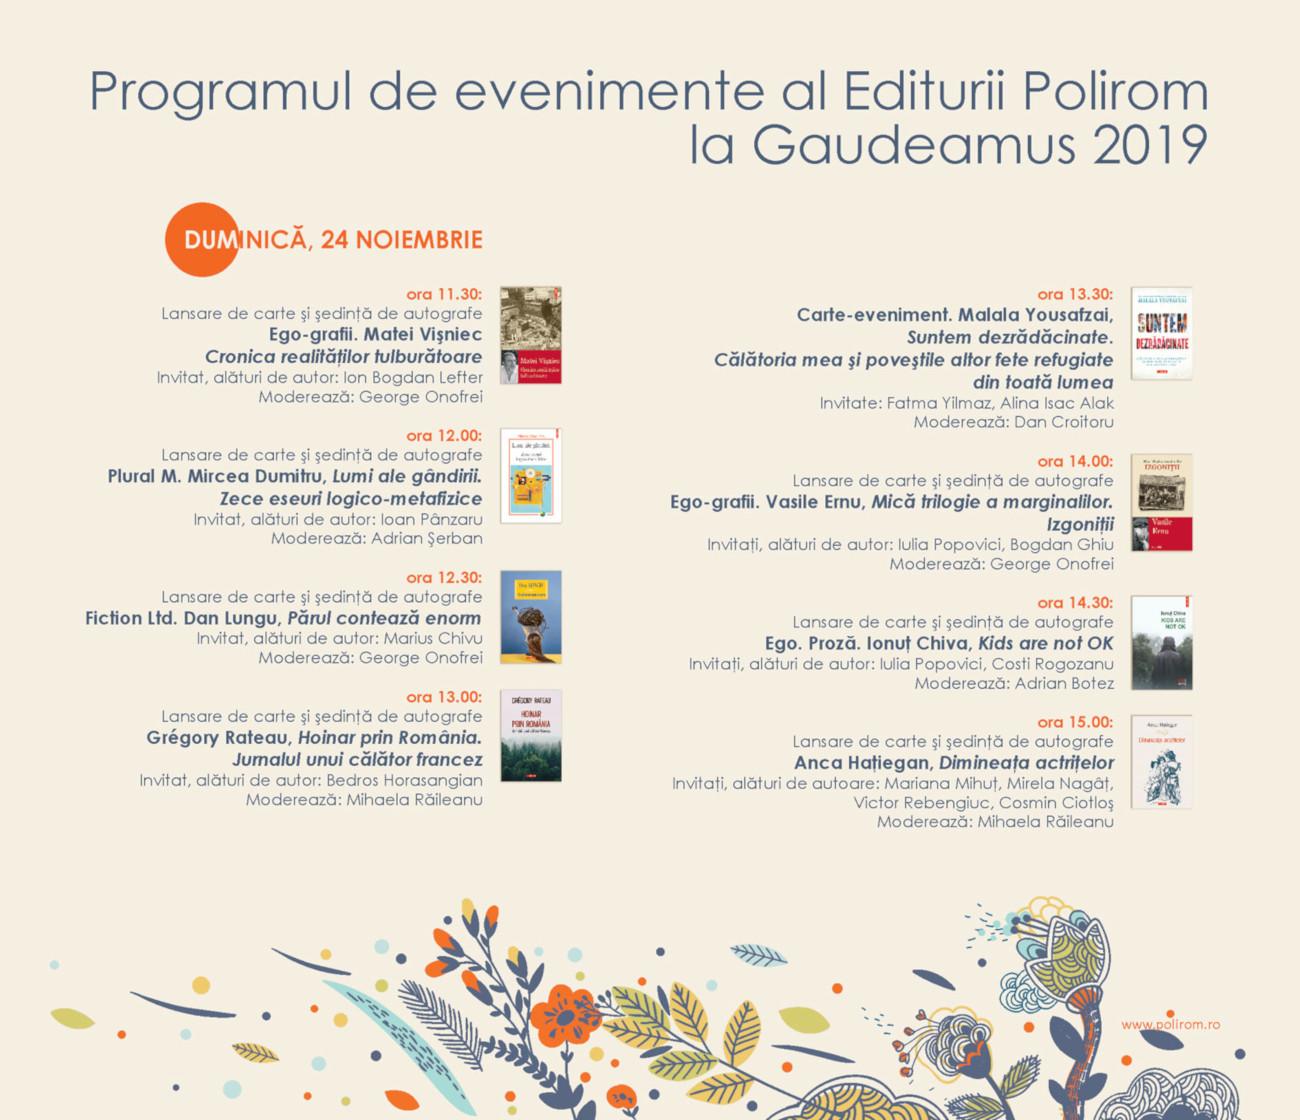 Program lansari Gaudeamus duminica